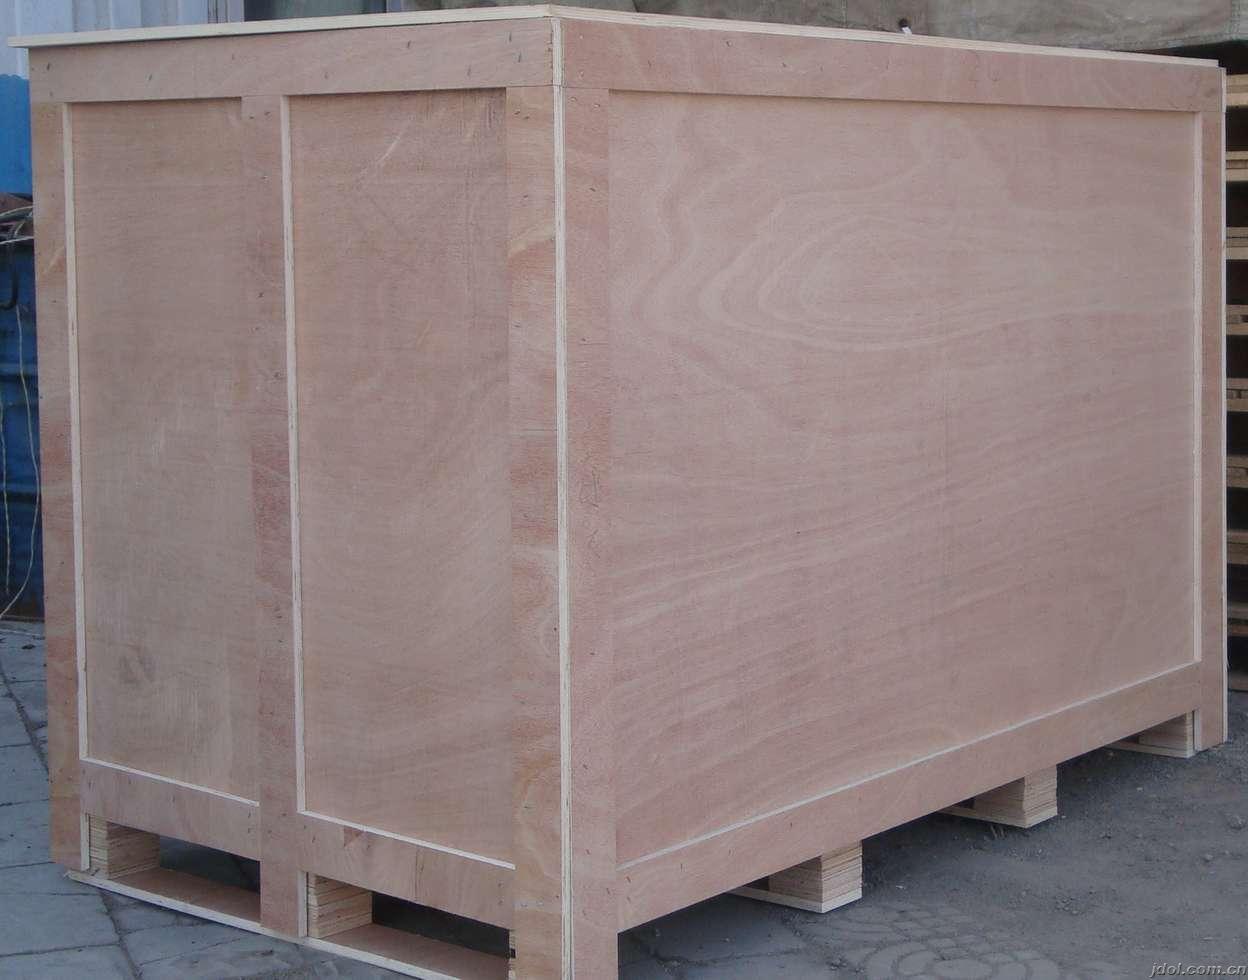 天津木箱定做厂家—木箱的用途有哪些?